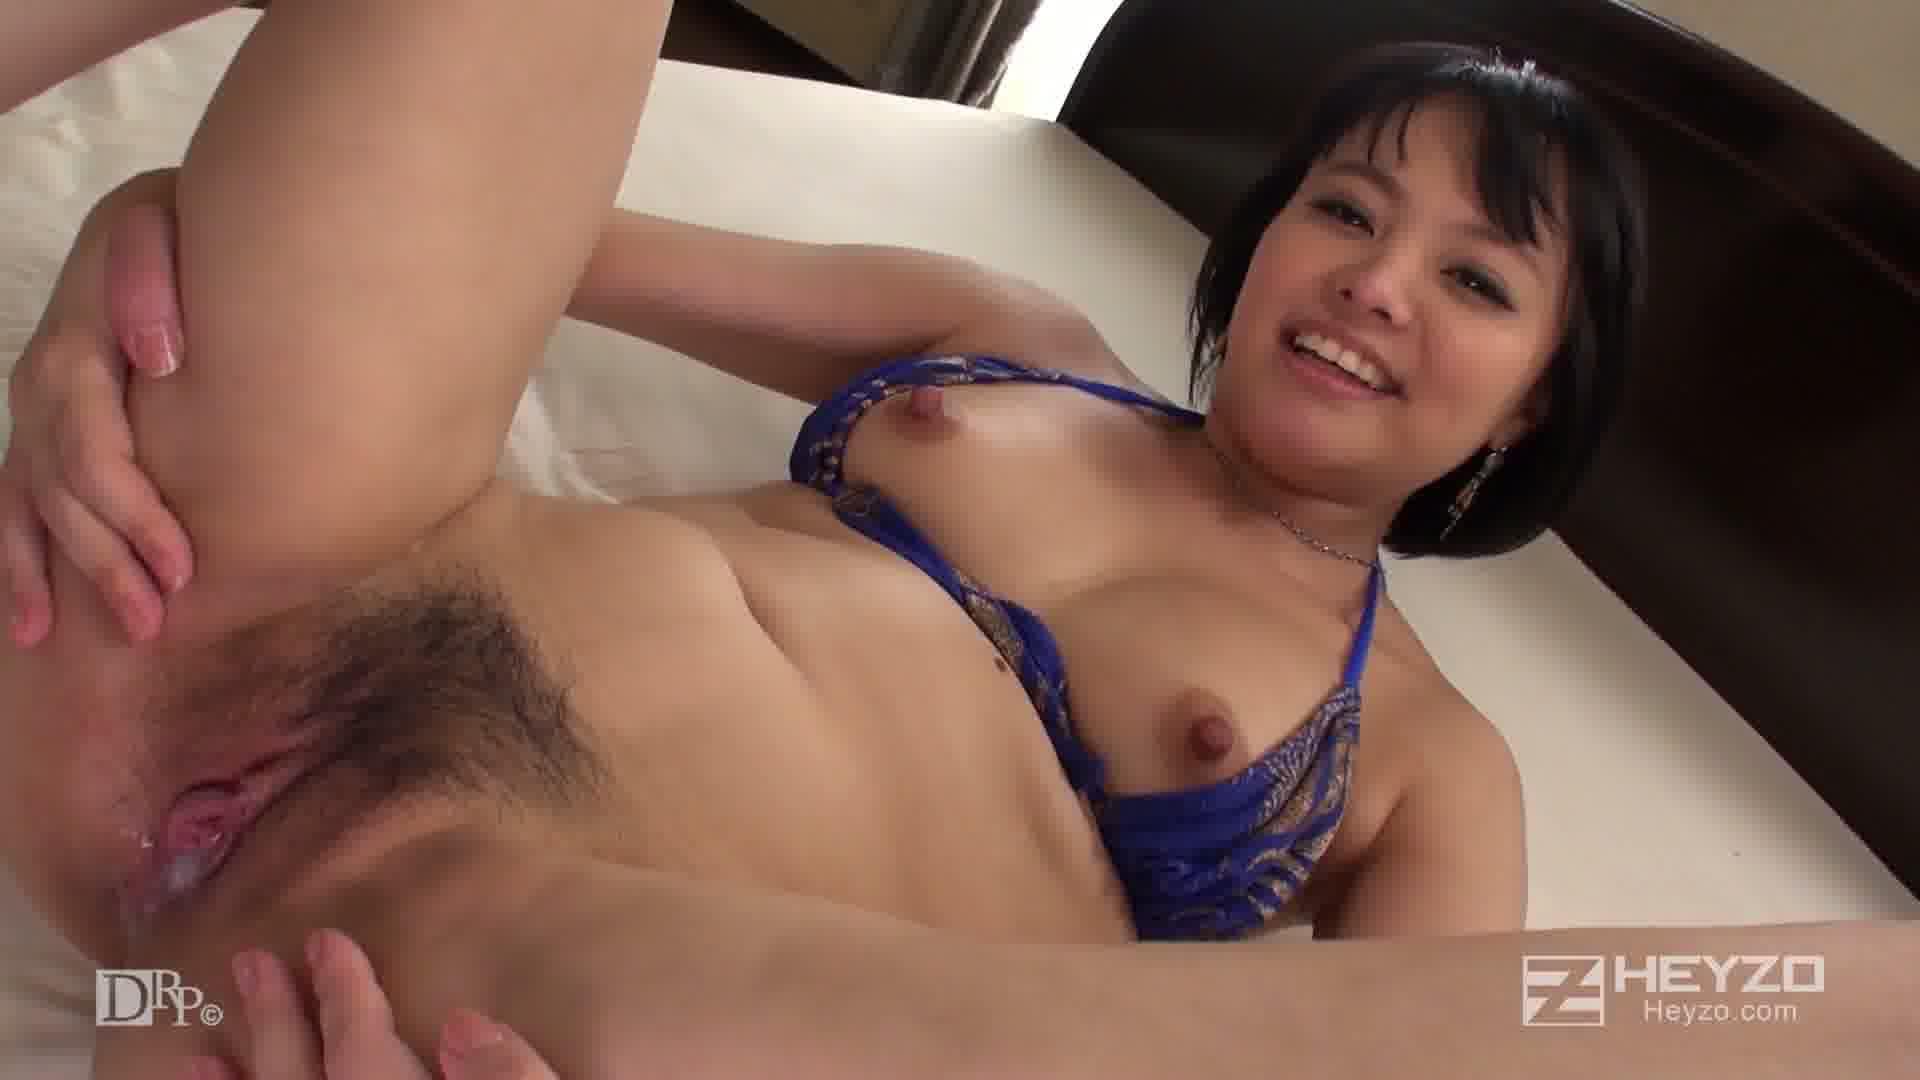 天然美少女と真夏の水着SEX! - 青山未来【ベッド 室内 生中出し】